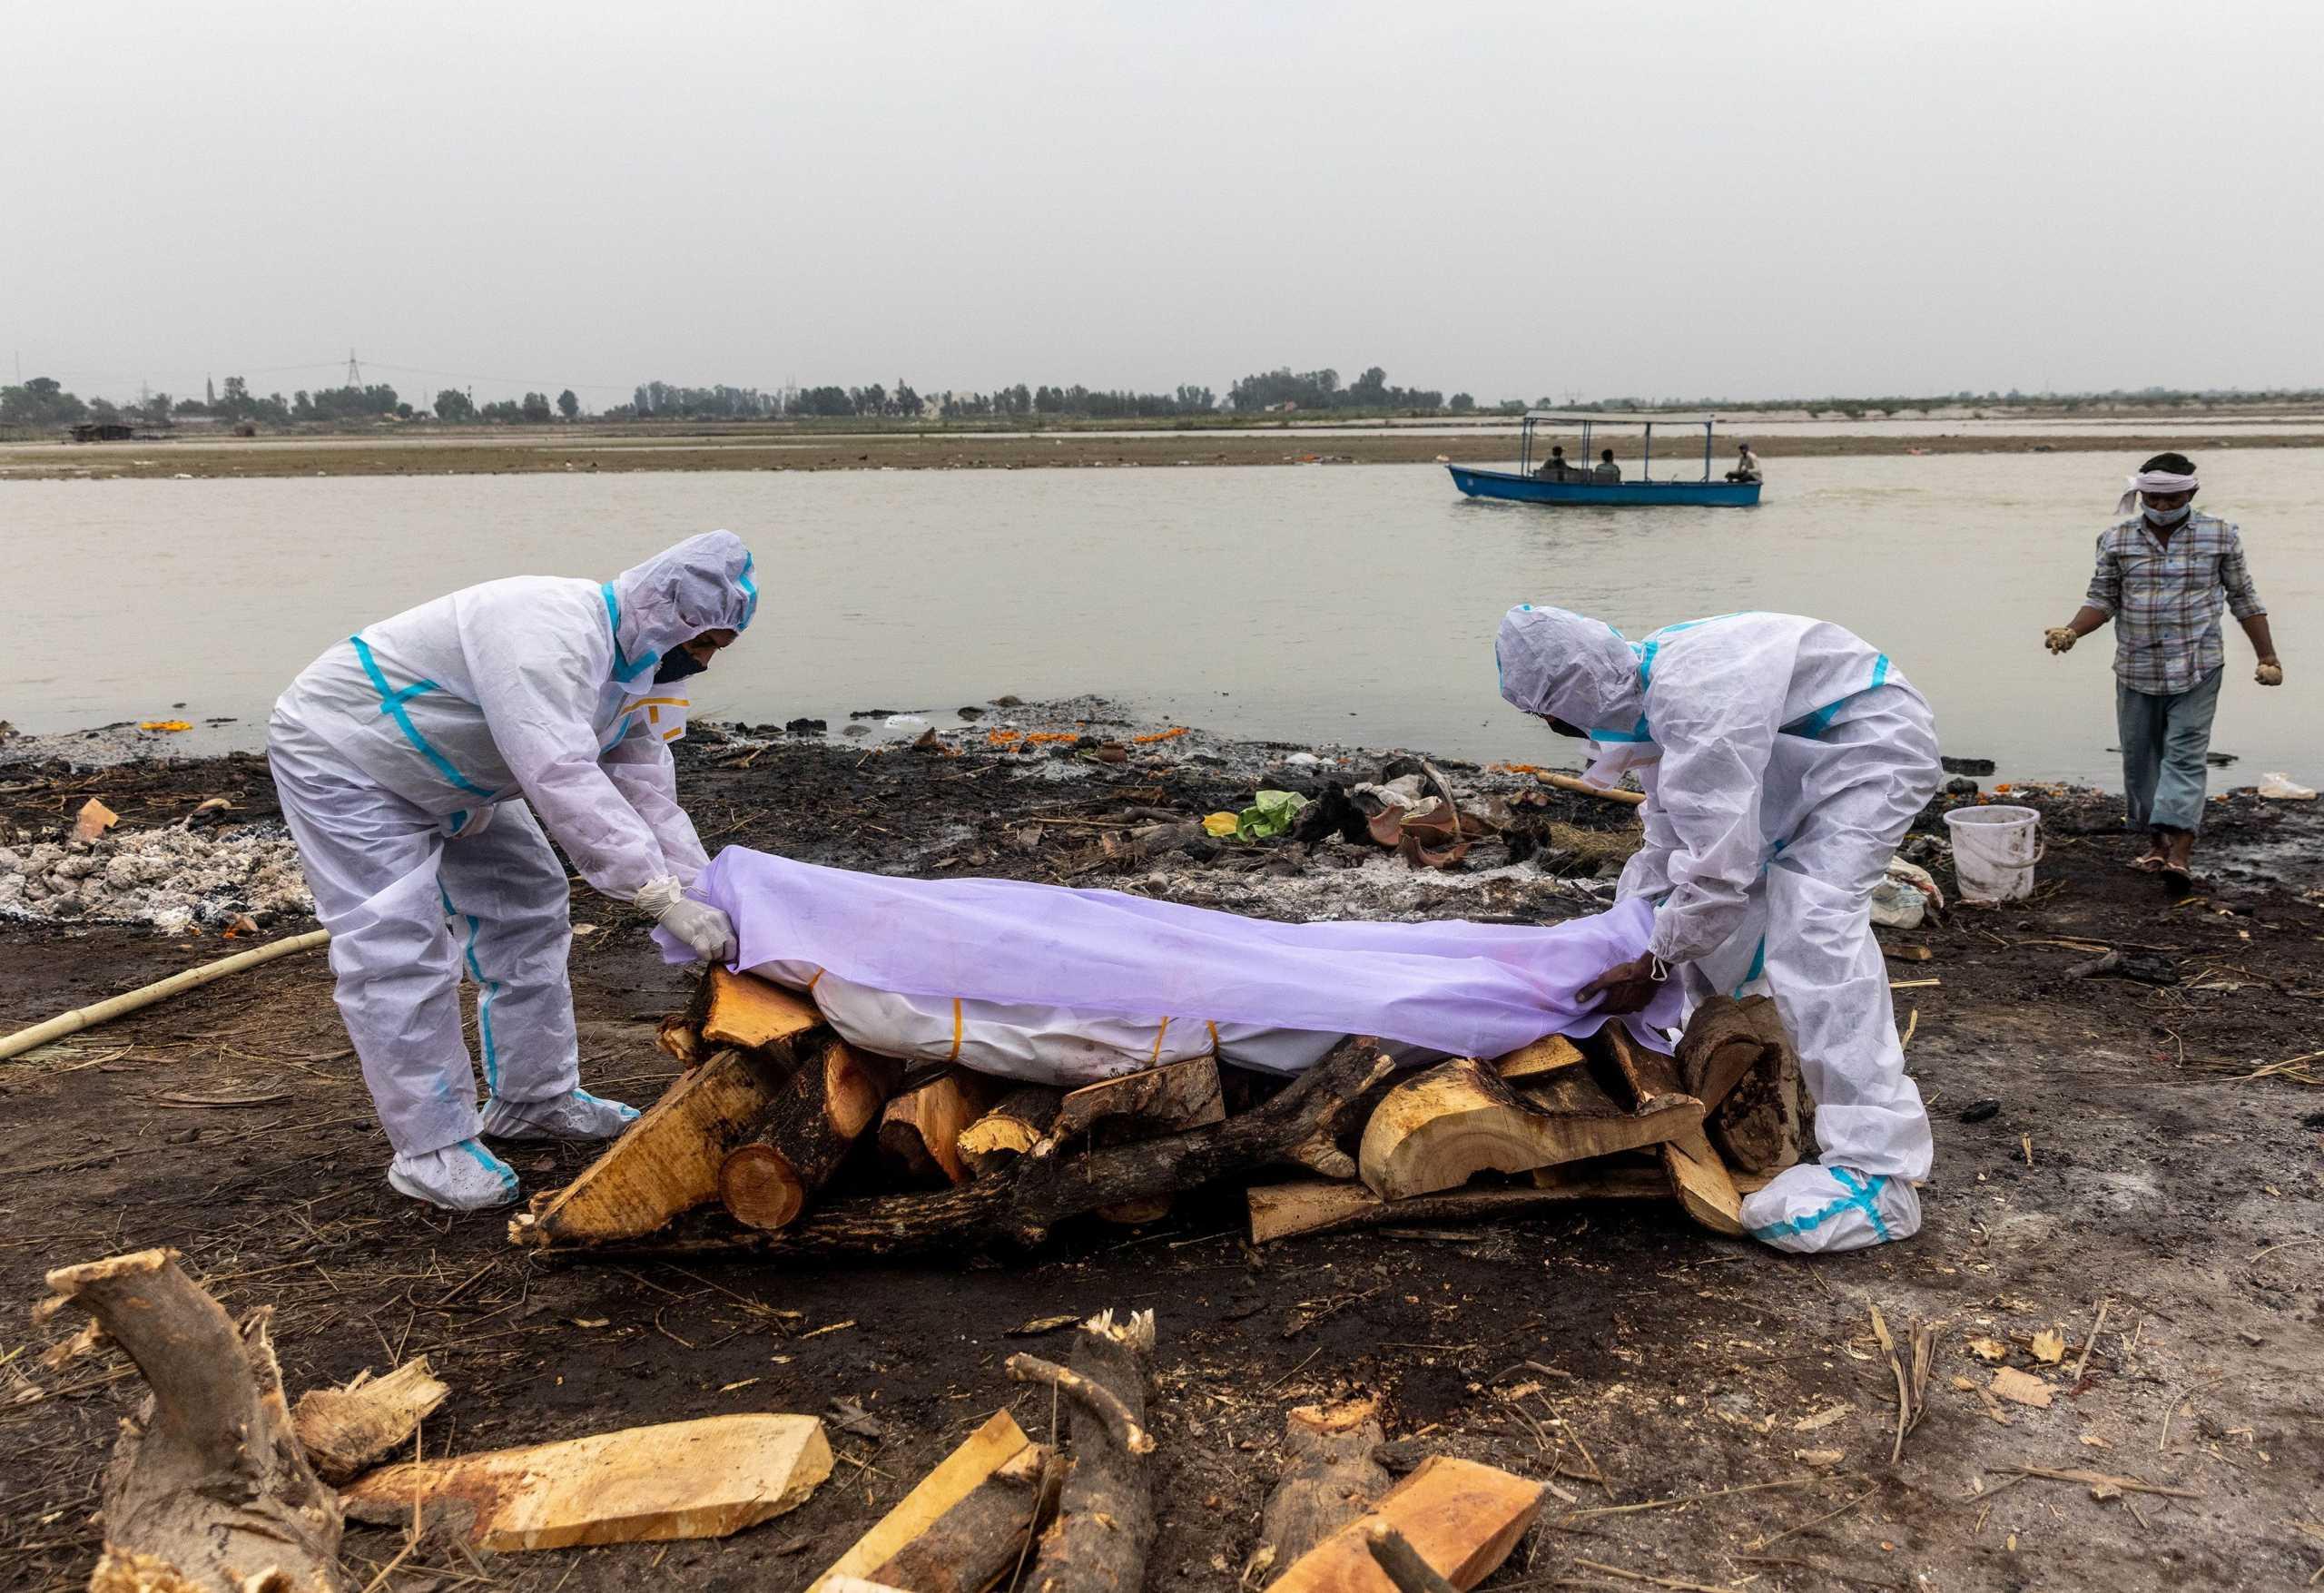 Ινδία: Δίχτυ στον Γάγγη μετά τον εντοπισμό δεκάδων πτωμάτων – Έως και 70% περισσότεροι οι θάνατοι από κορονοϊό